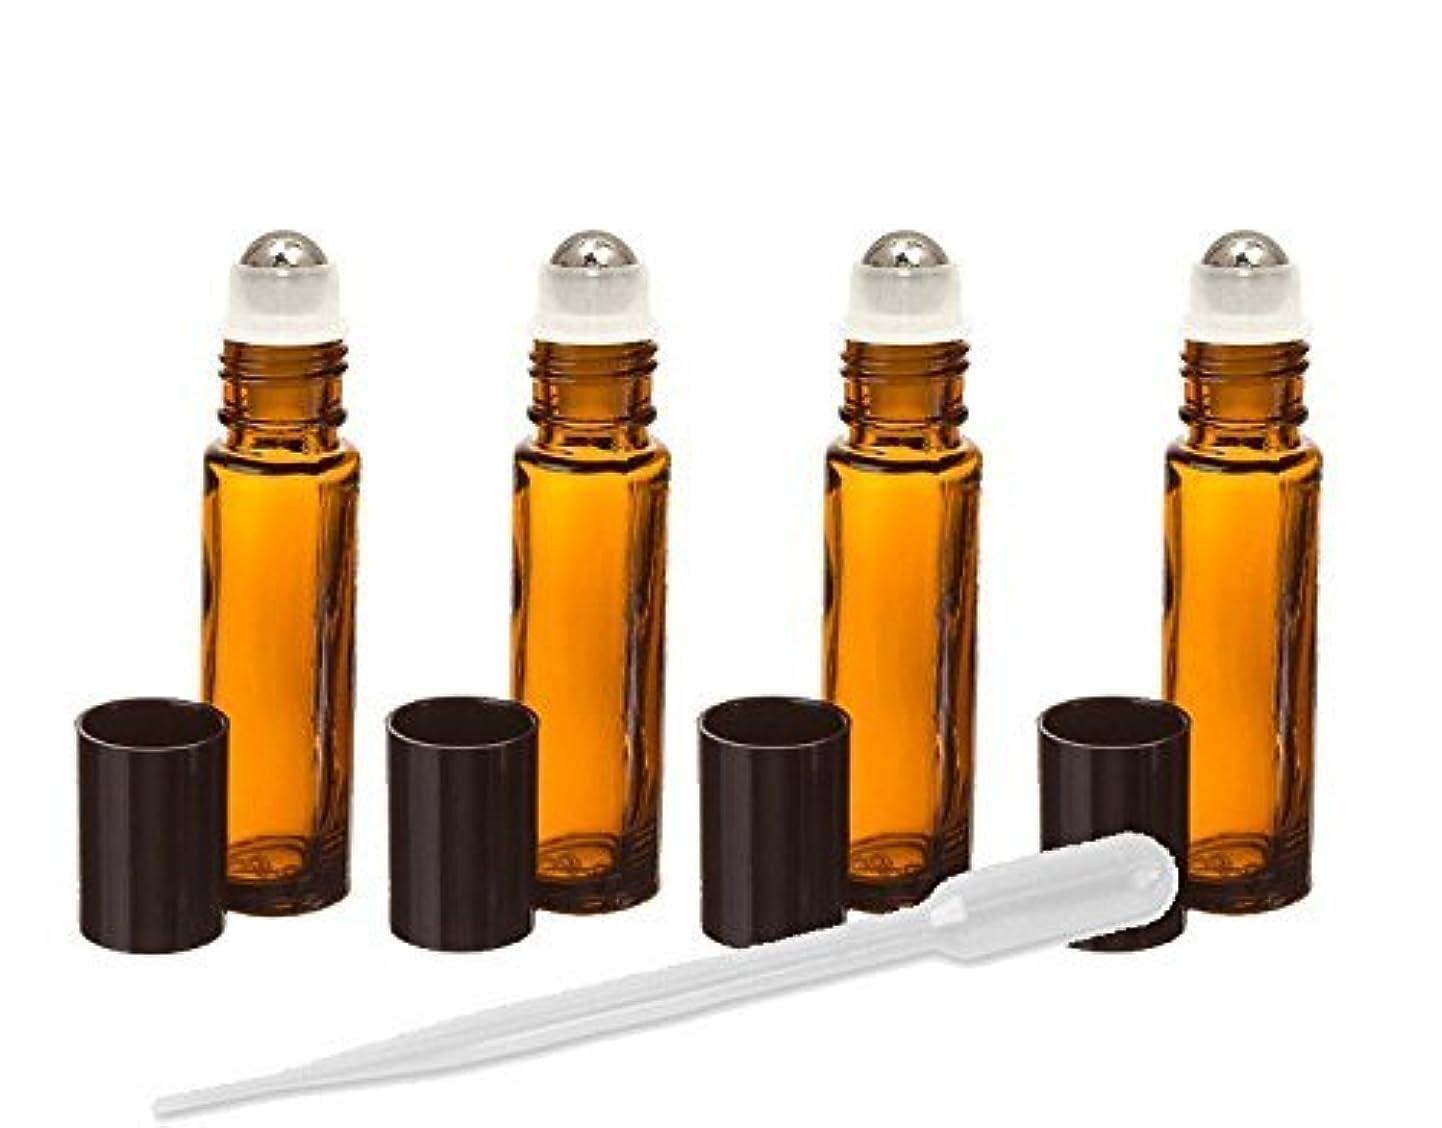 反論者縁石争うGrand Parfums Amber Glass Essential Oil Rollerball Bottles with Stainless Steel Rollerballs, 10ml Aromatherapy...